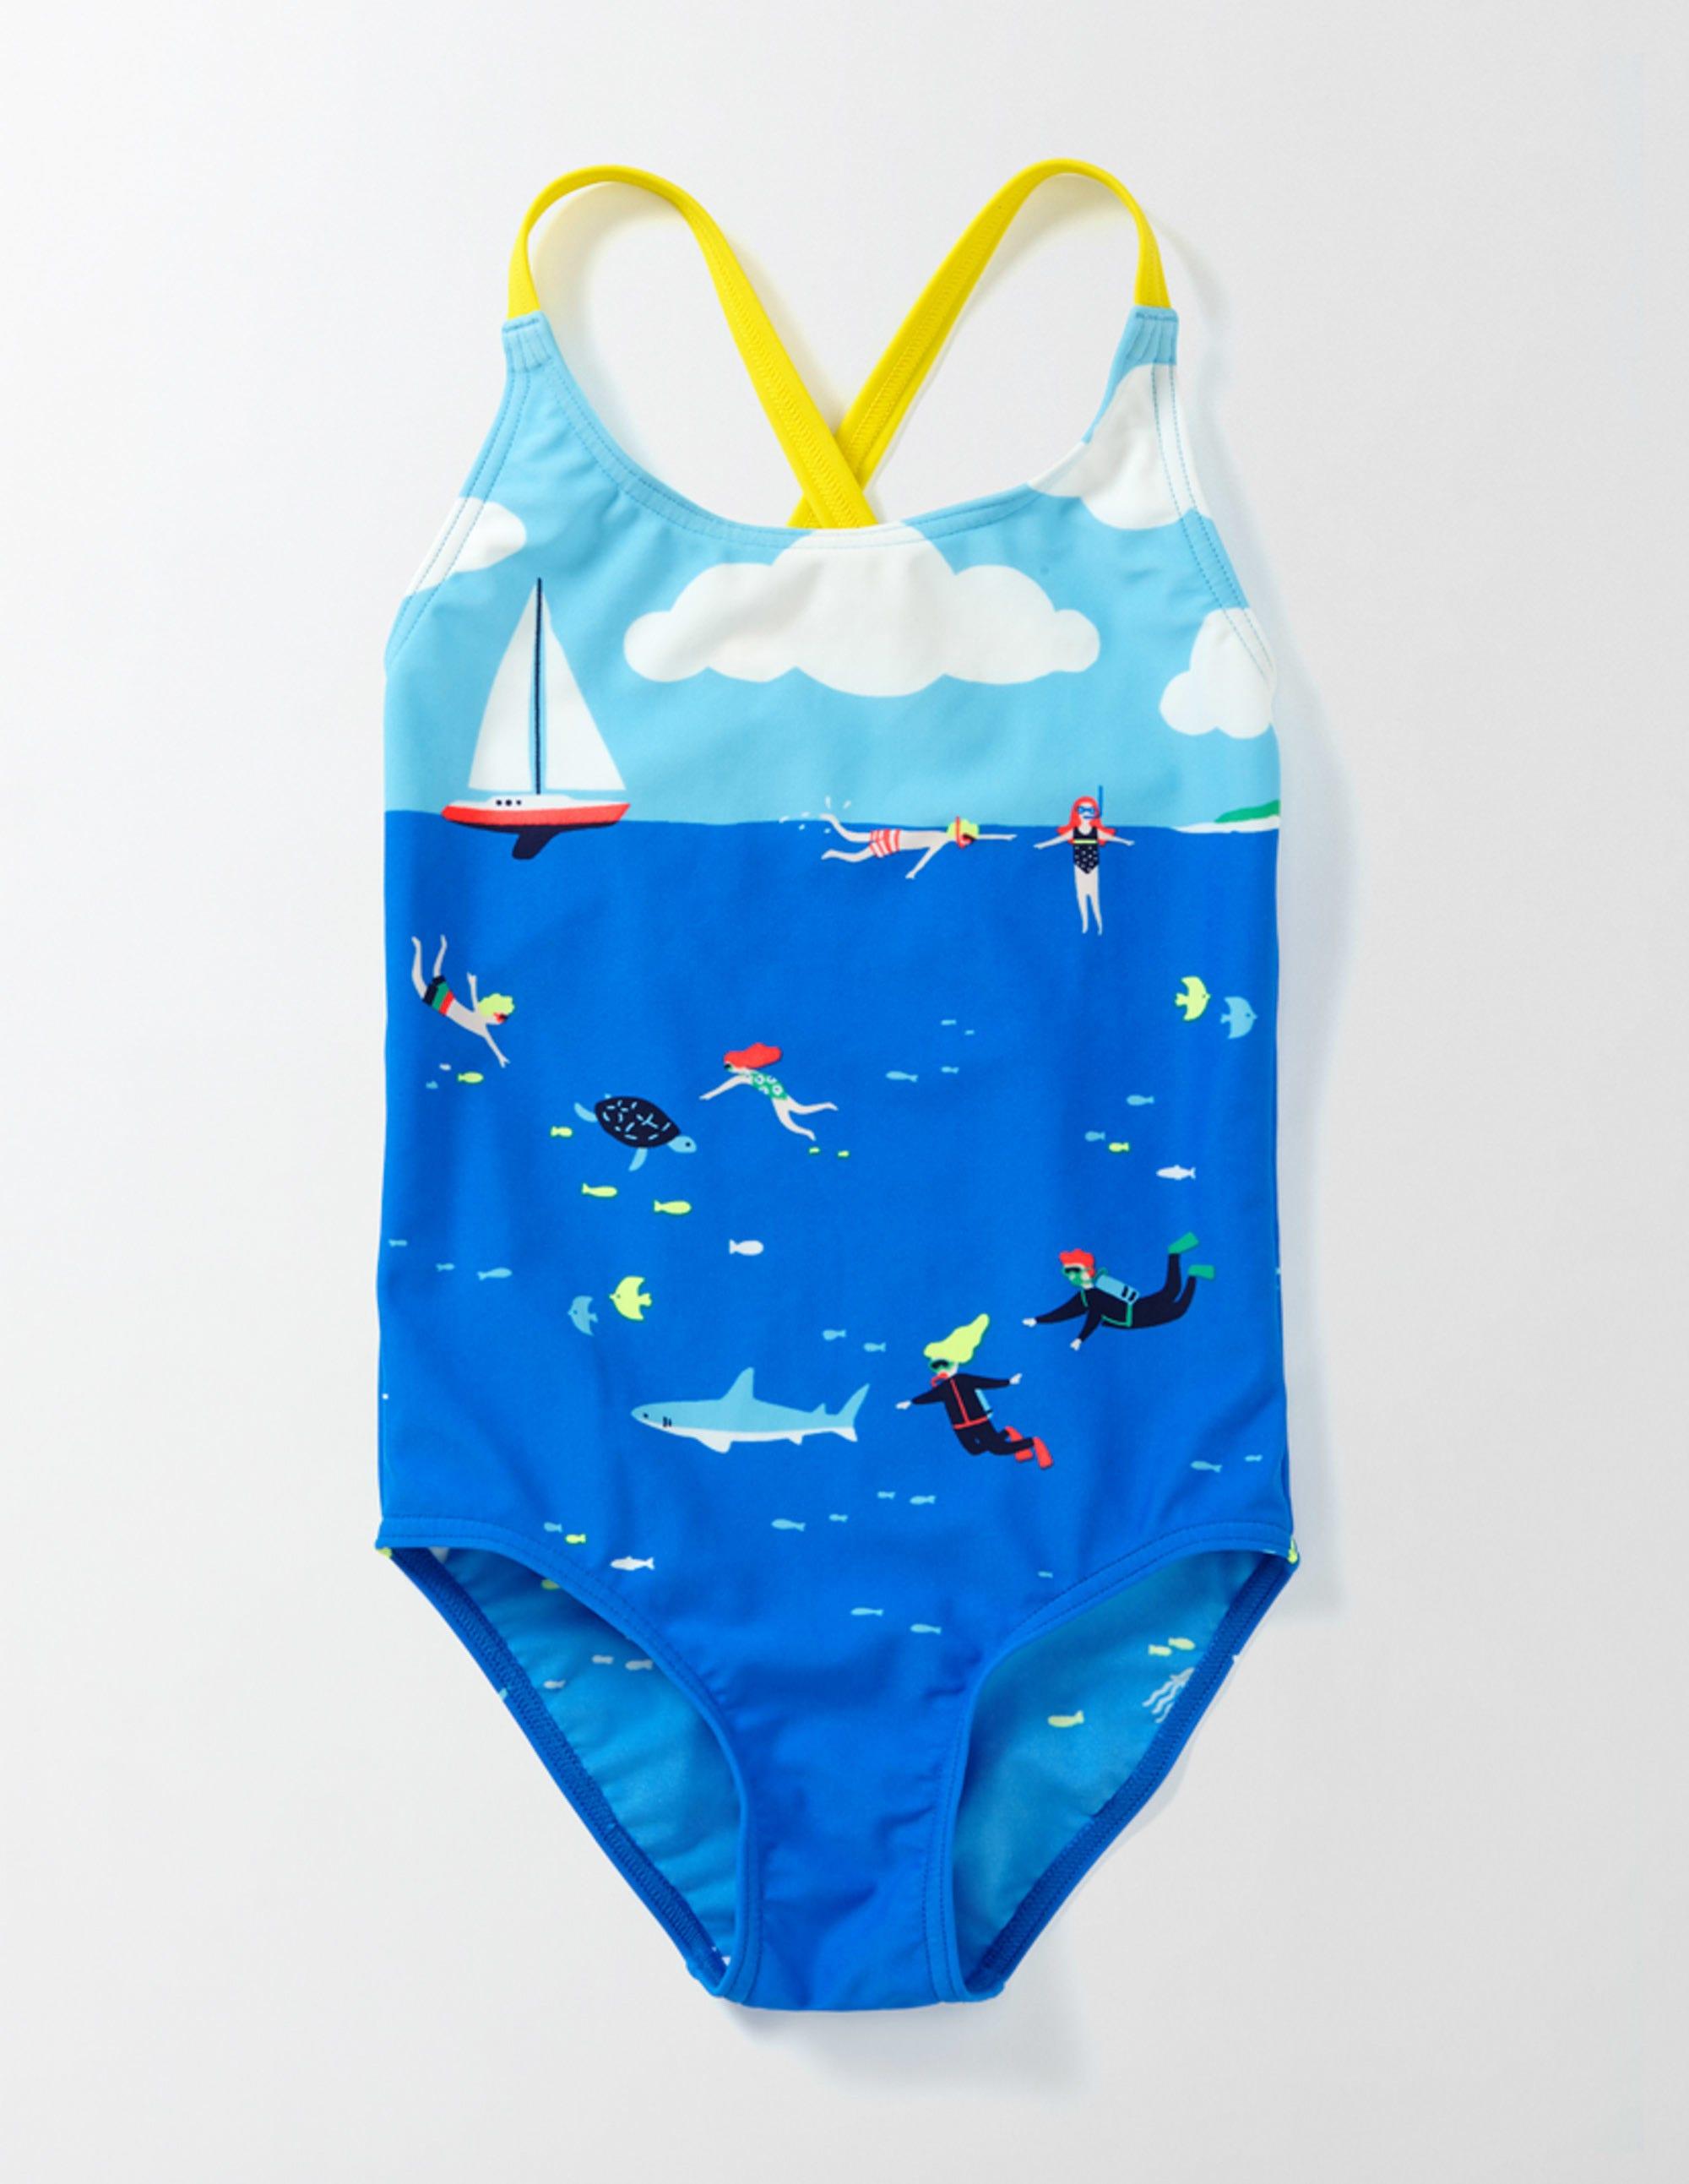 Badeanzug m dchen preisvergleich die besten angebote for Boden versand mode